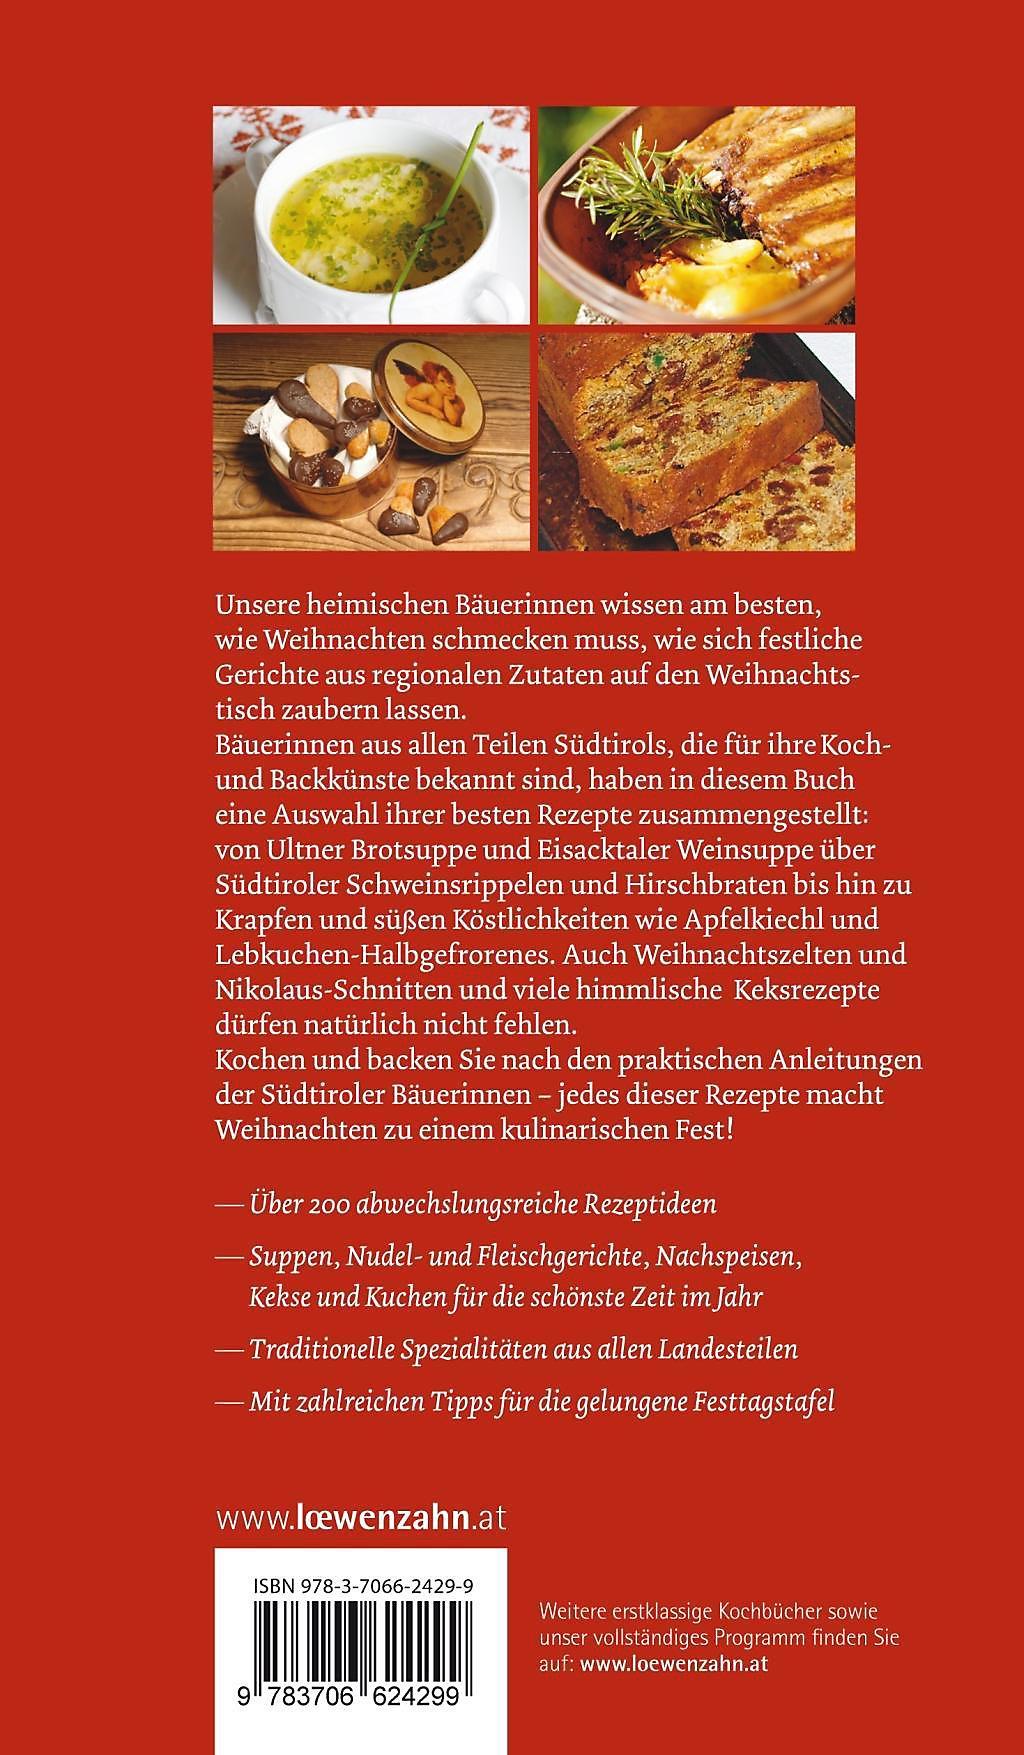 Südtiroler Bäuerinnen decken den Weihnachtstisch Buch portofrei